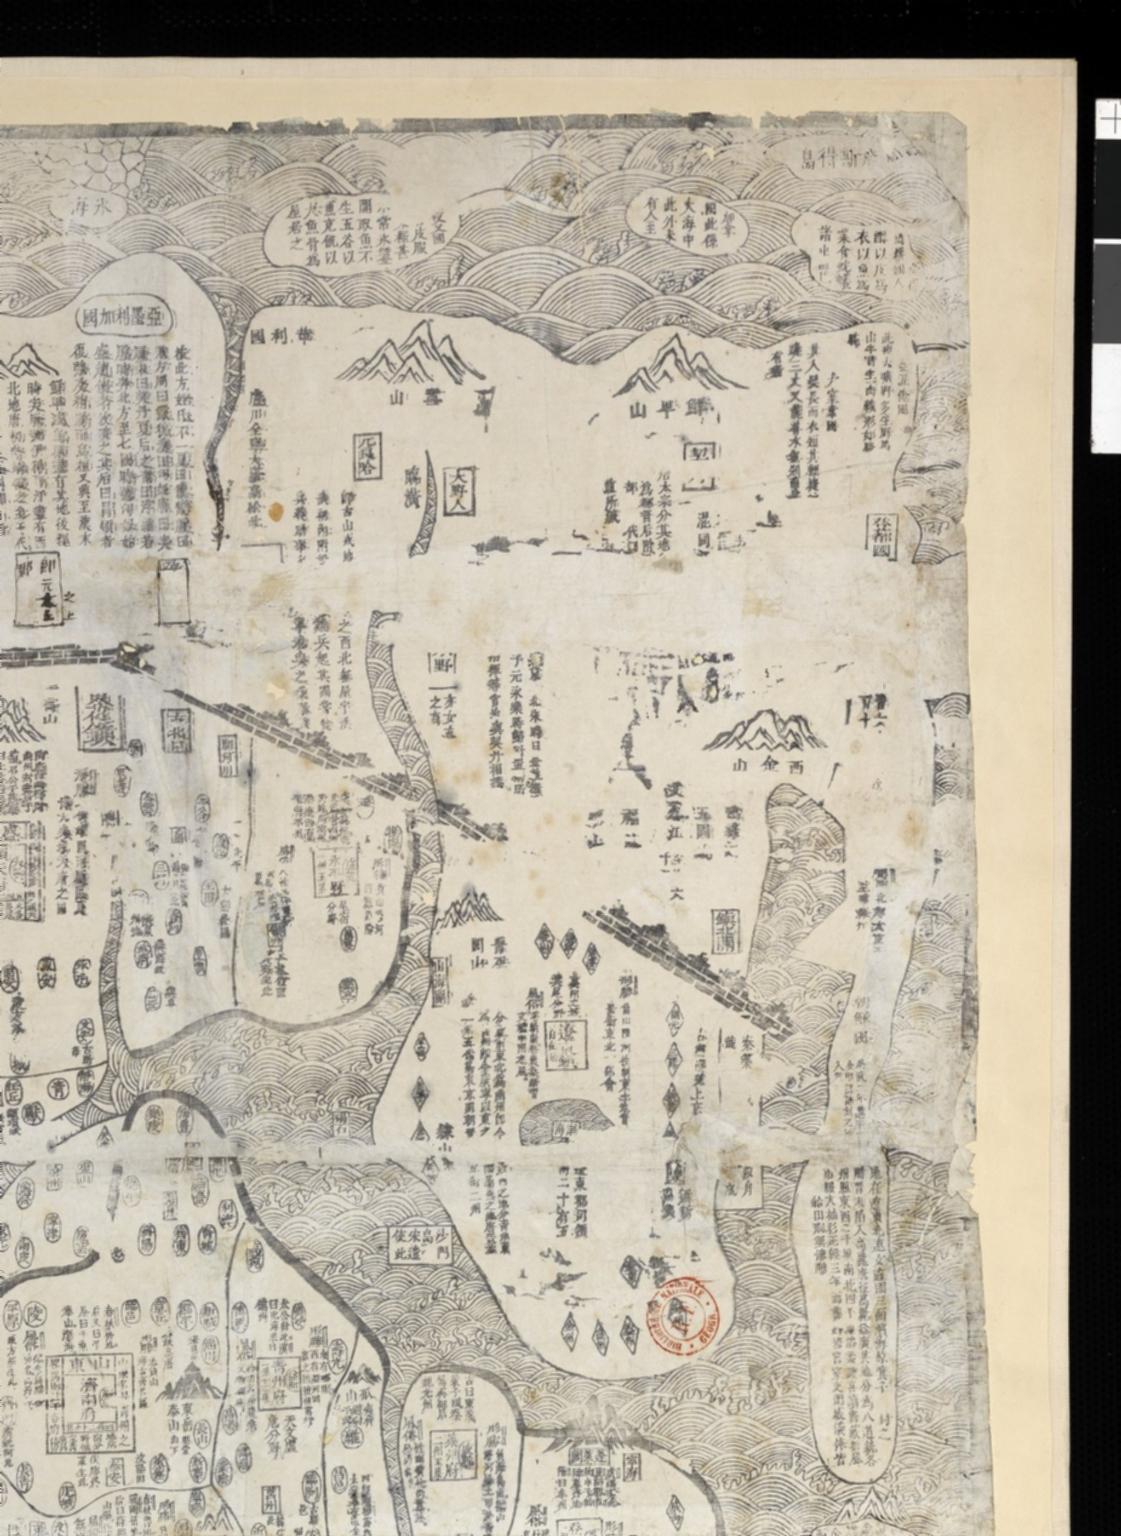 [Carte de la Chine]. Part 4